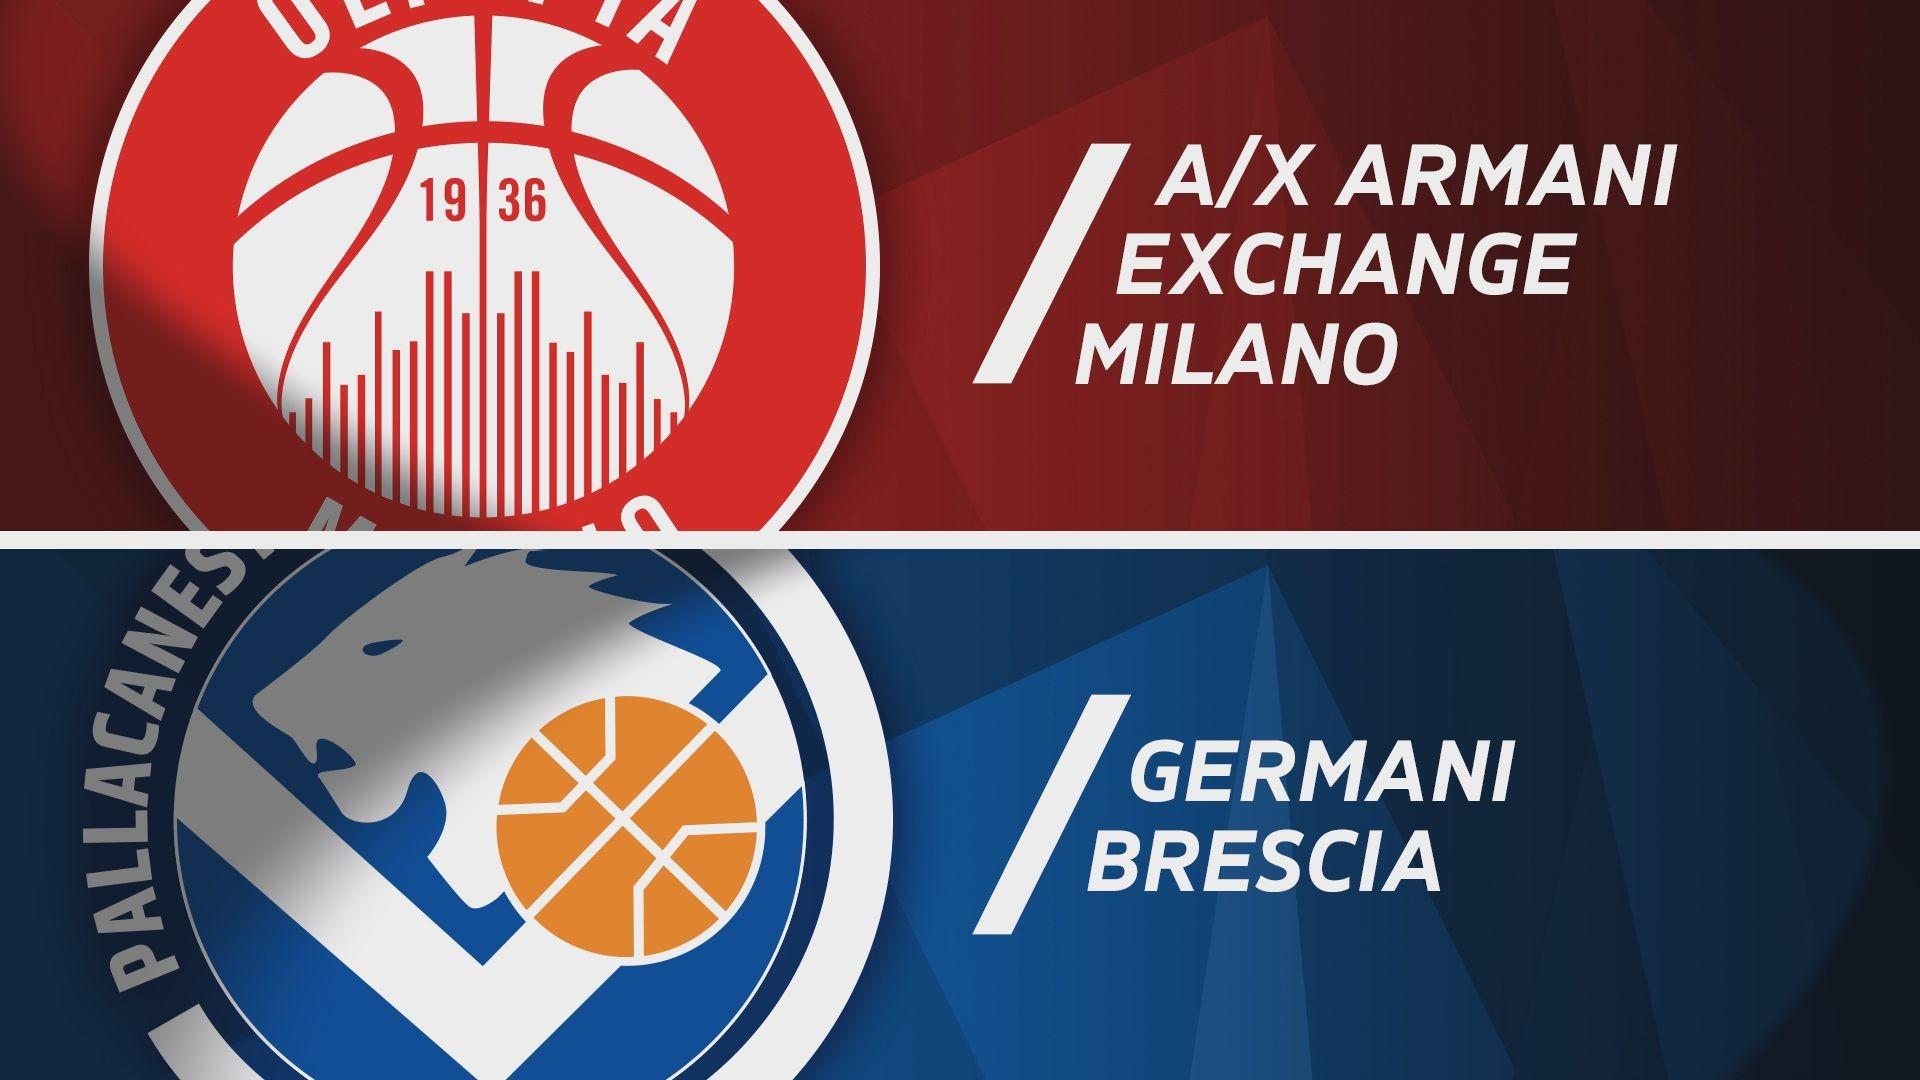 A|X Armani Exchange Milano - Germani Brescia 87-56